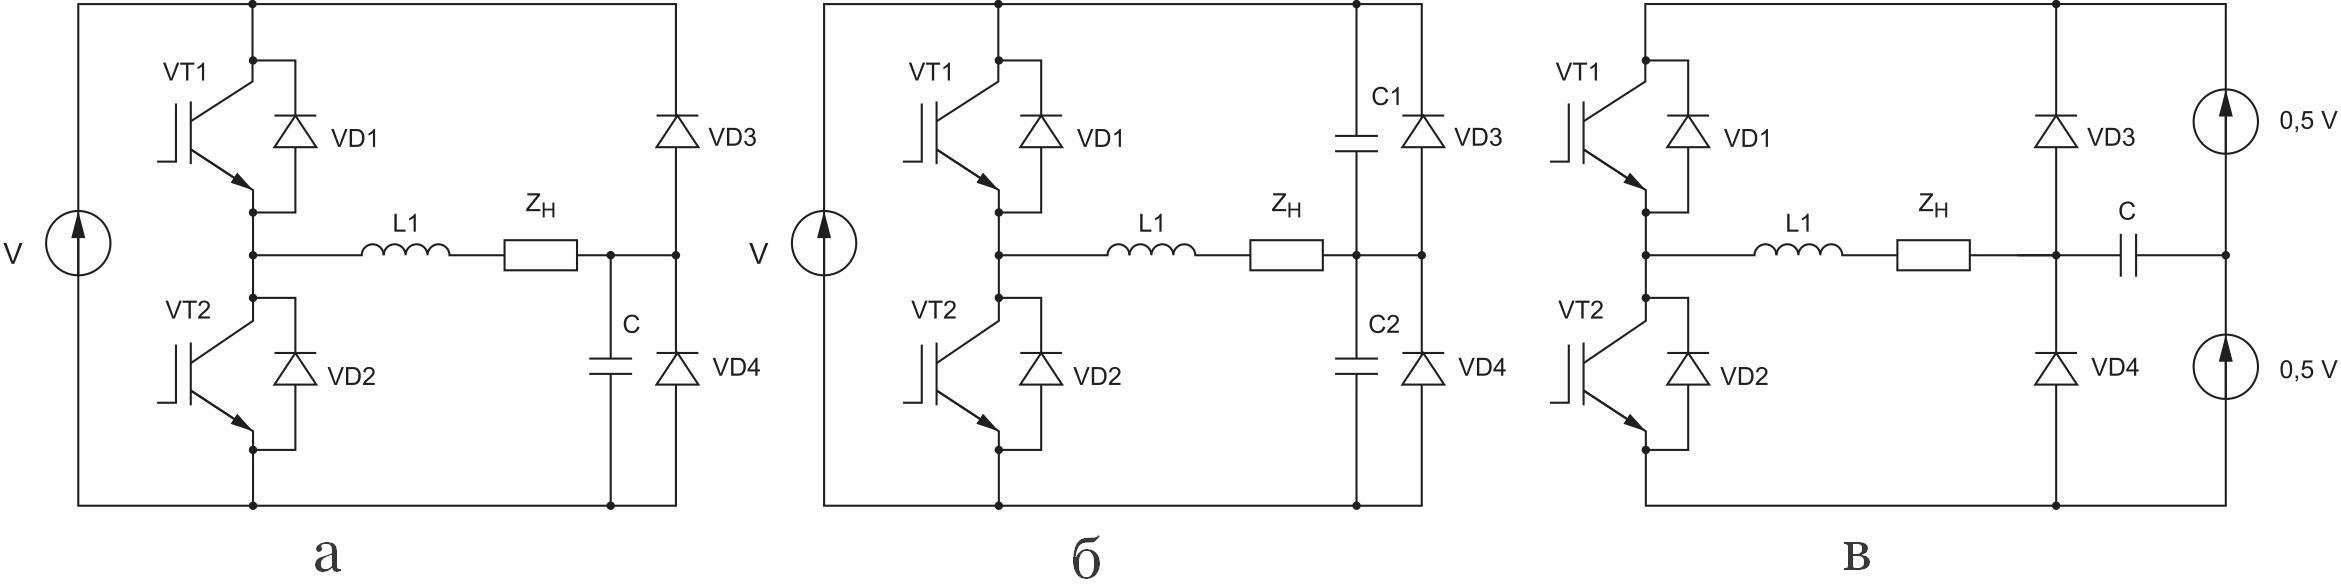 Возможные схемные решения полумостовых инверторов с дозированной передачей энергии